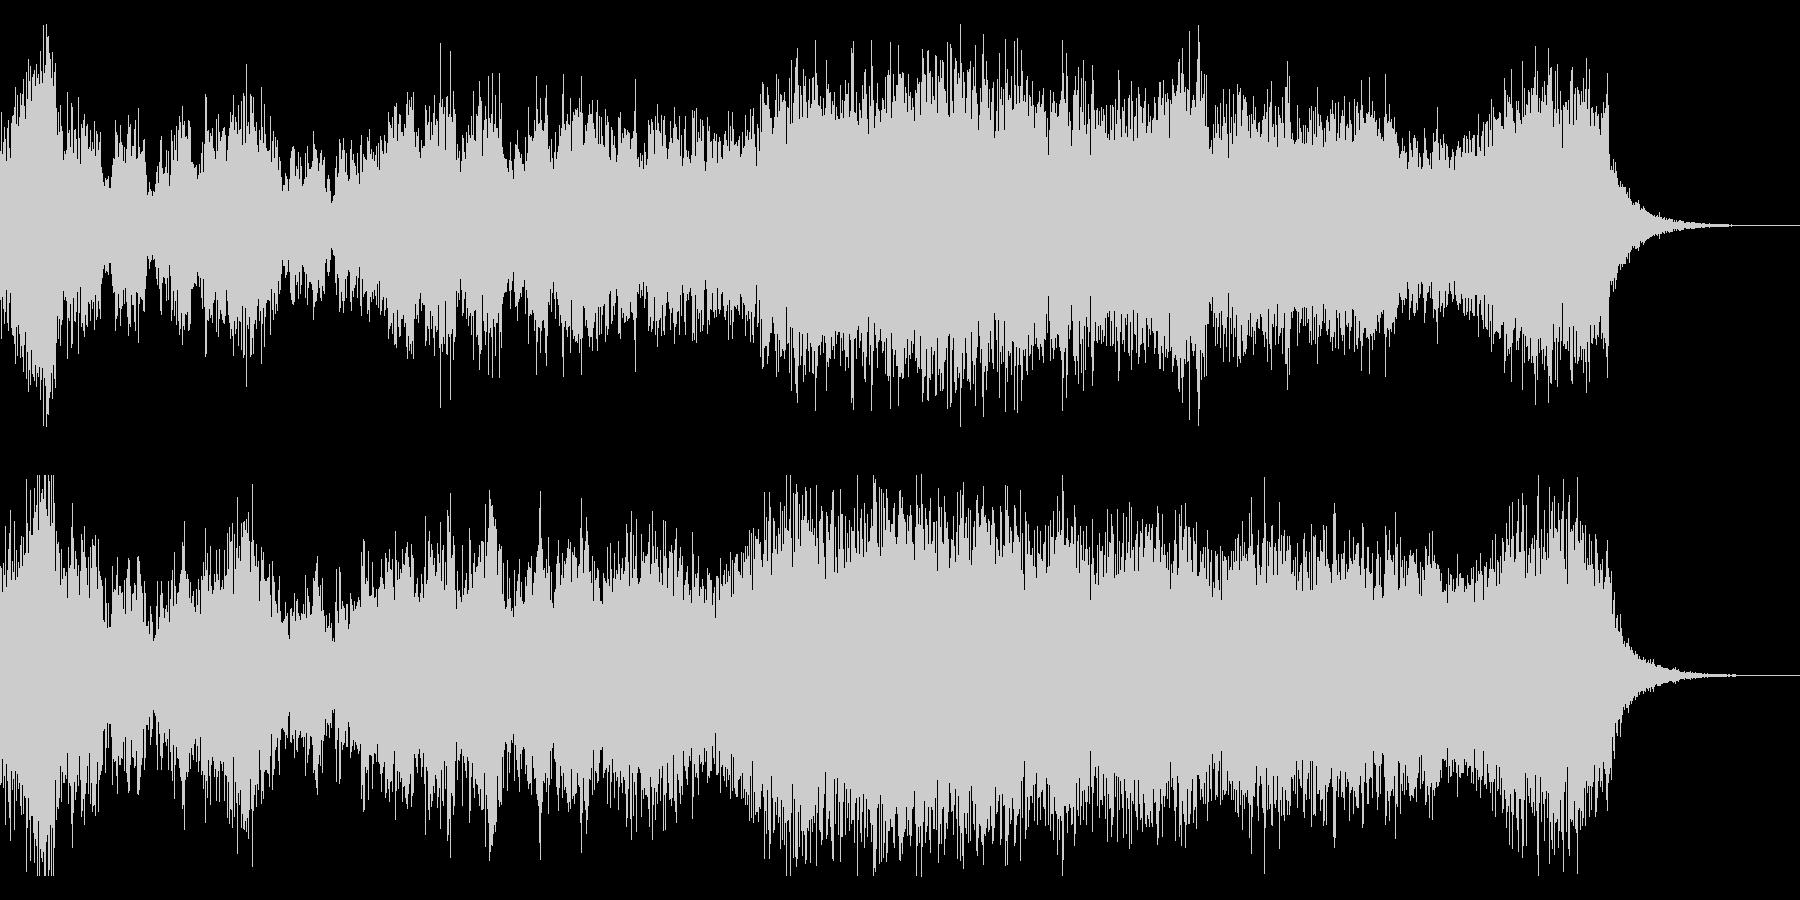 幻想的、ダークで重厚な合唱BGMの未再生の波形